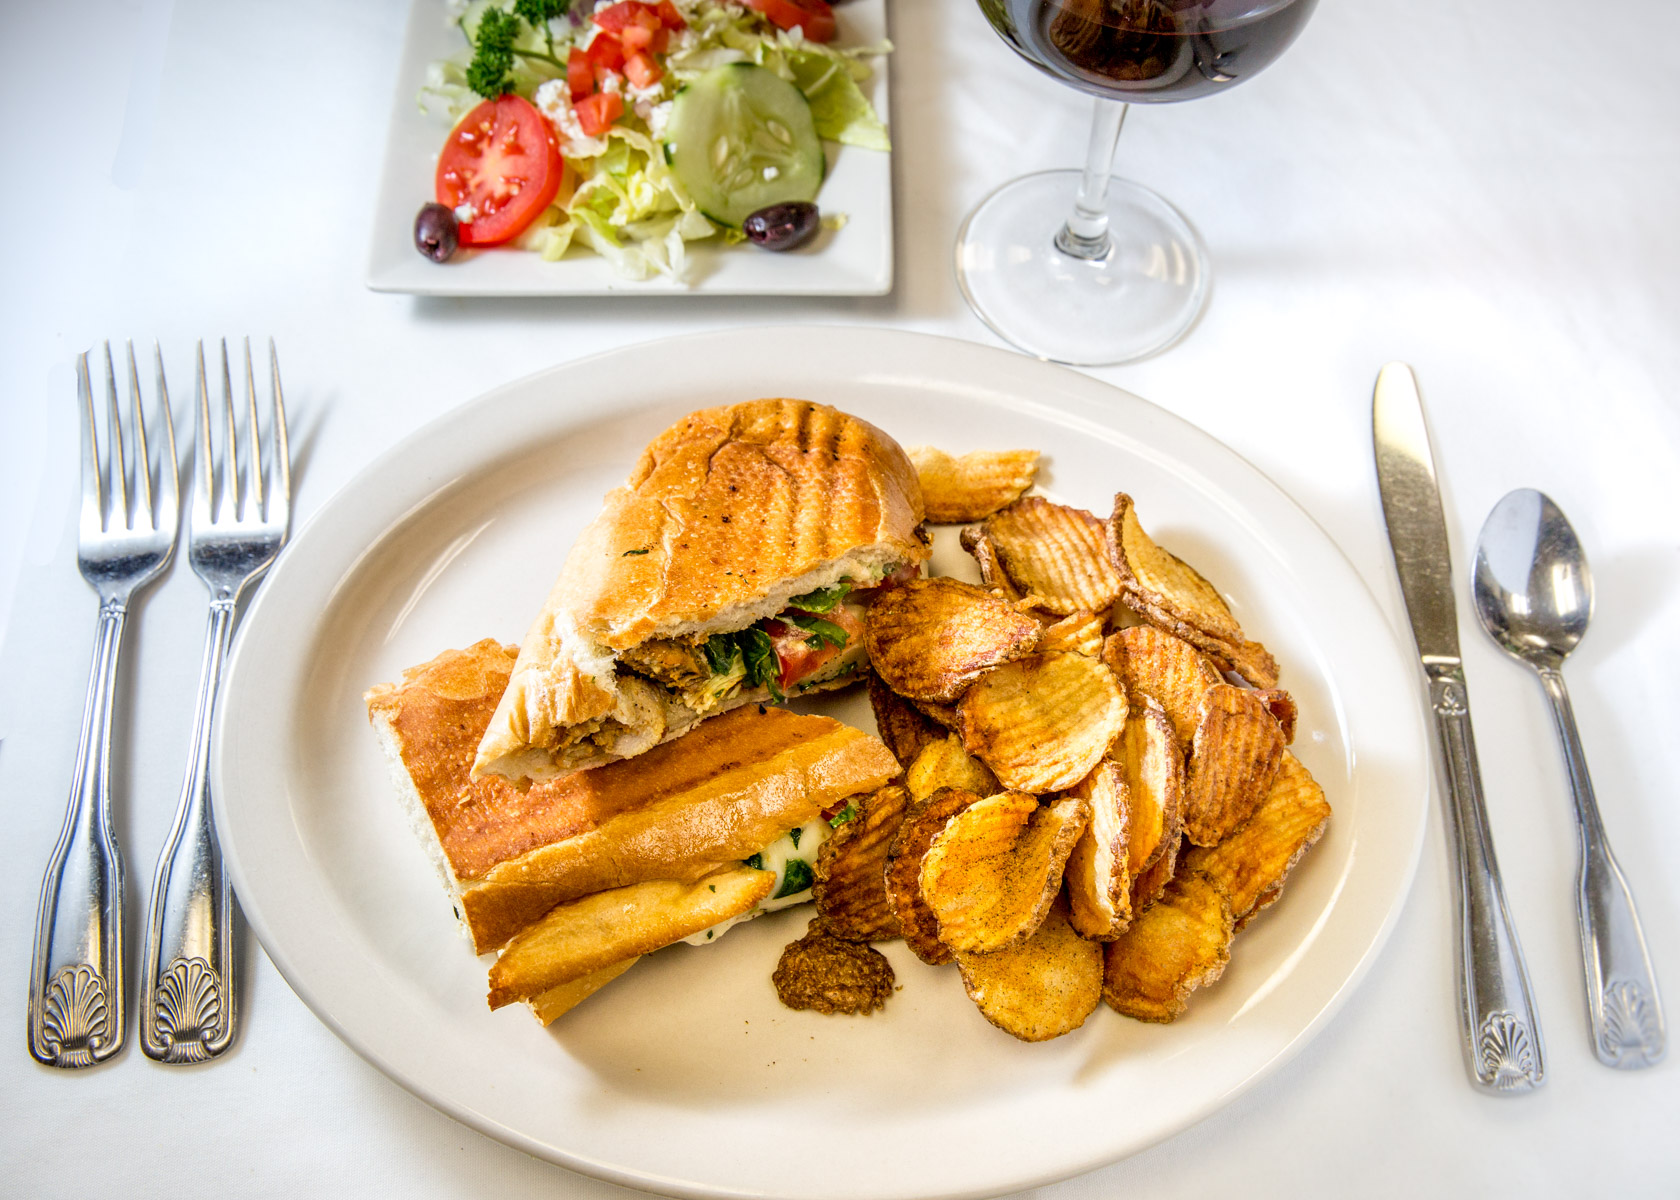 Chicken Pomodori Panini Combo 8.95